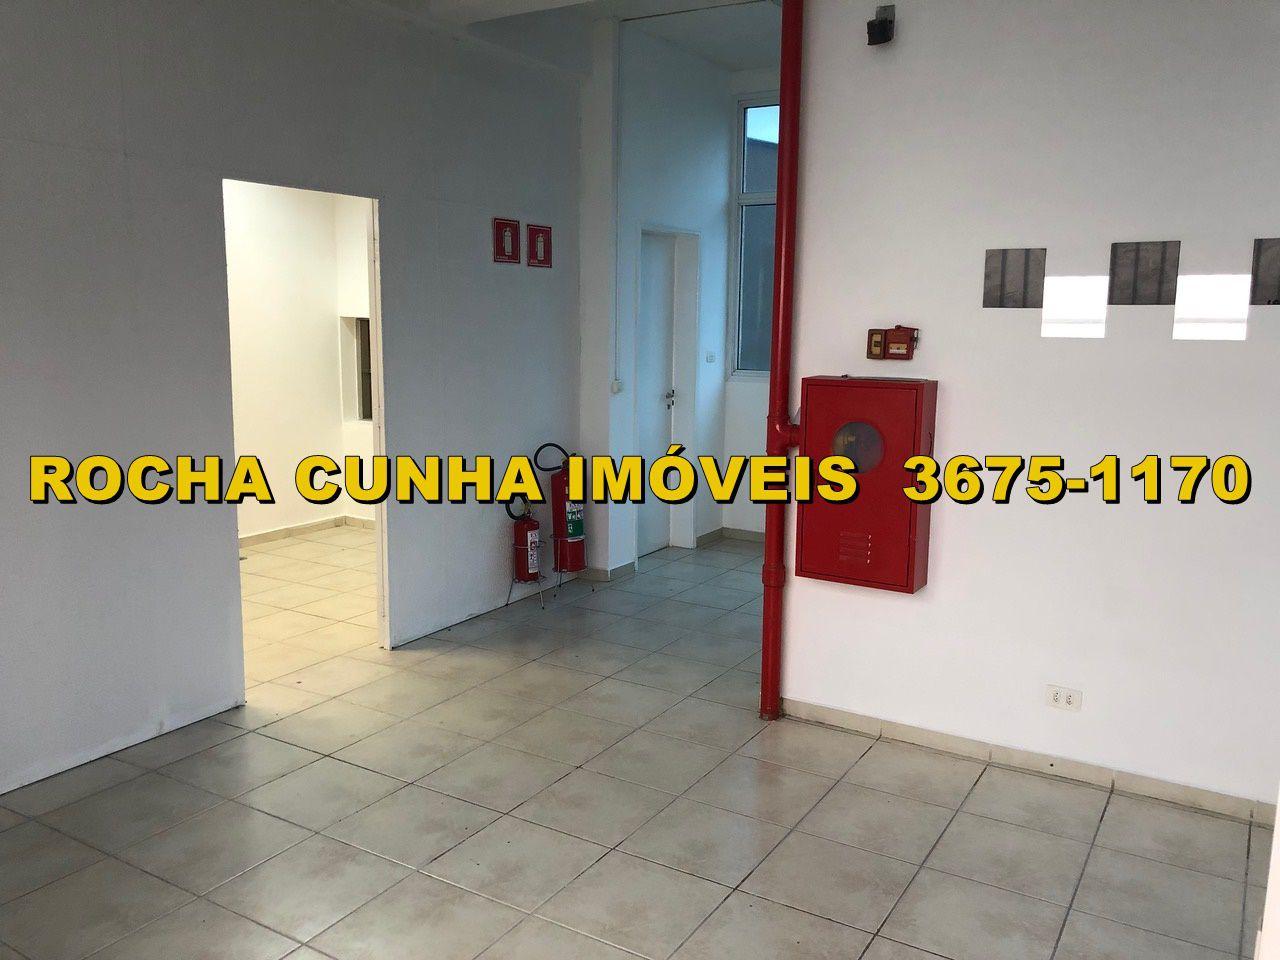 Prédio Para Venda ou Aluguel - Vila Anastácio - São Paulo - SP - PREDIO0004 - 3